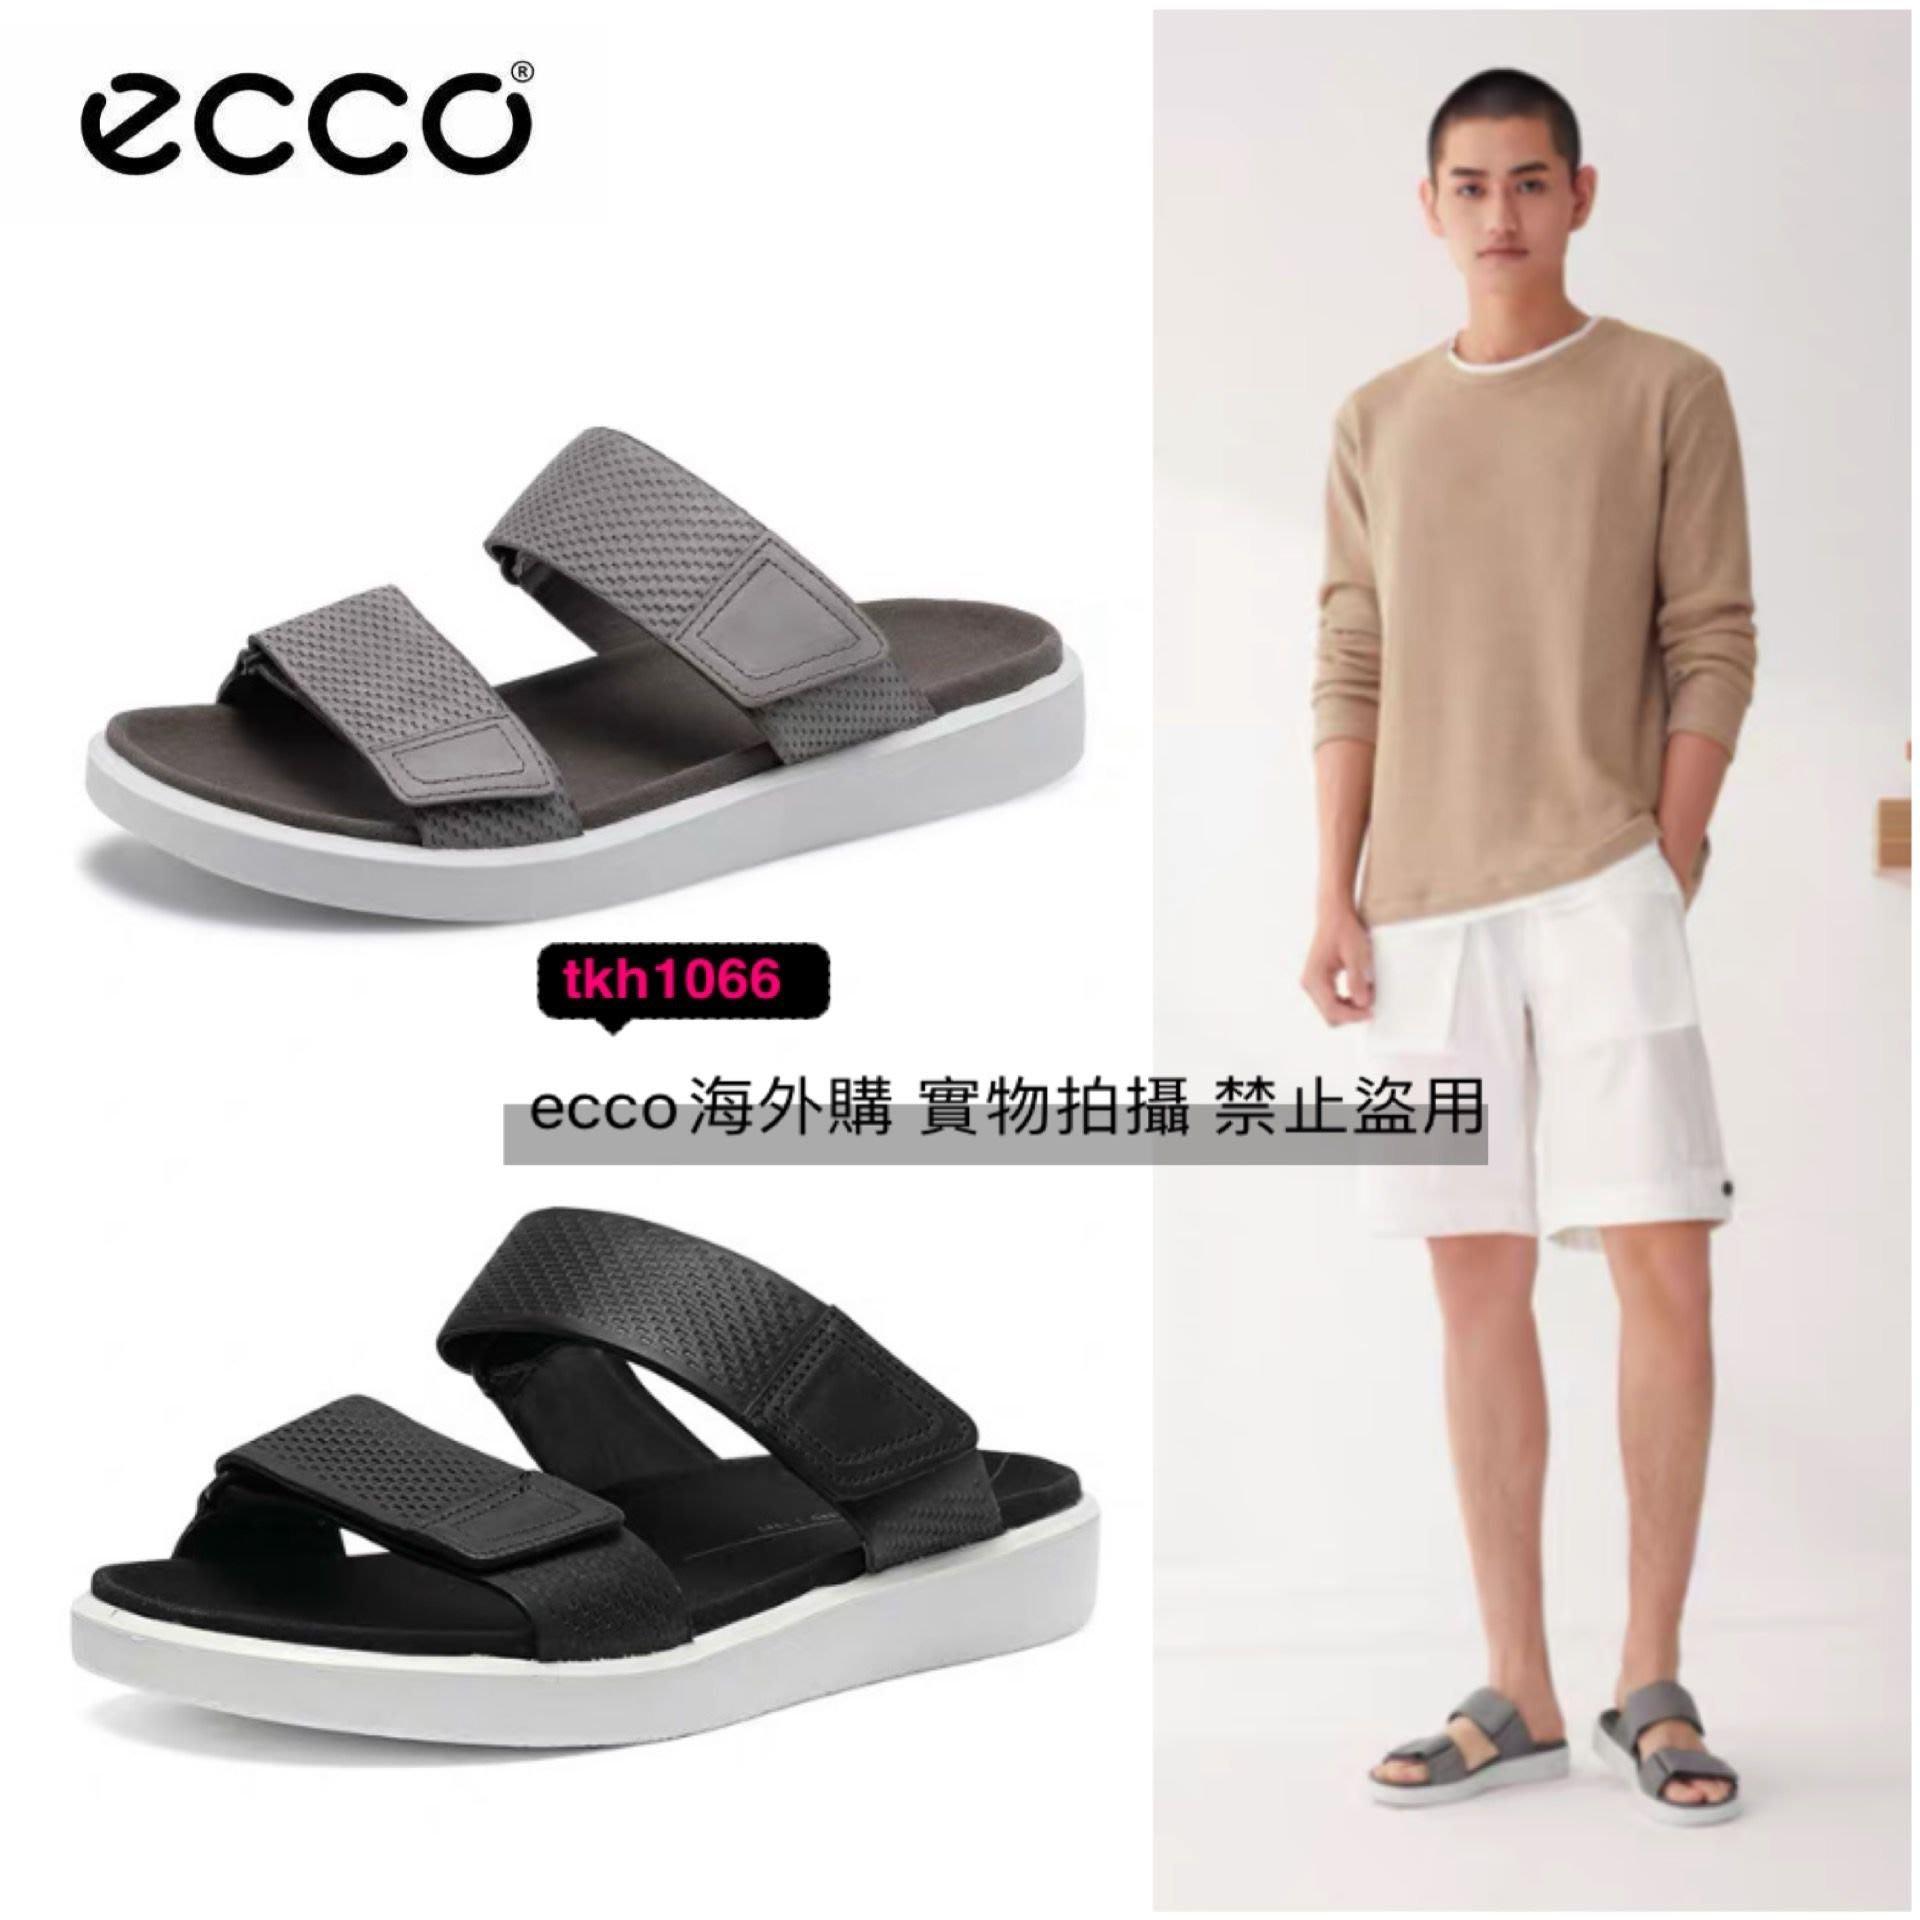 ECCO 2020新款男涼鞋 簡約懶人拖鞋沙灘鞋 540124  39-44碼